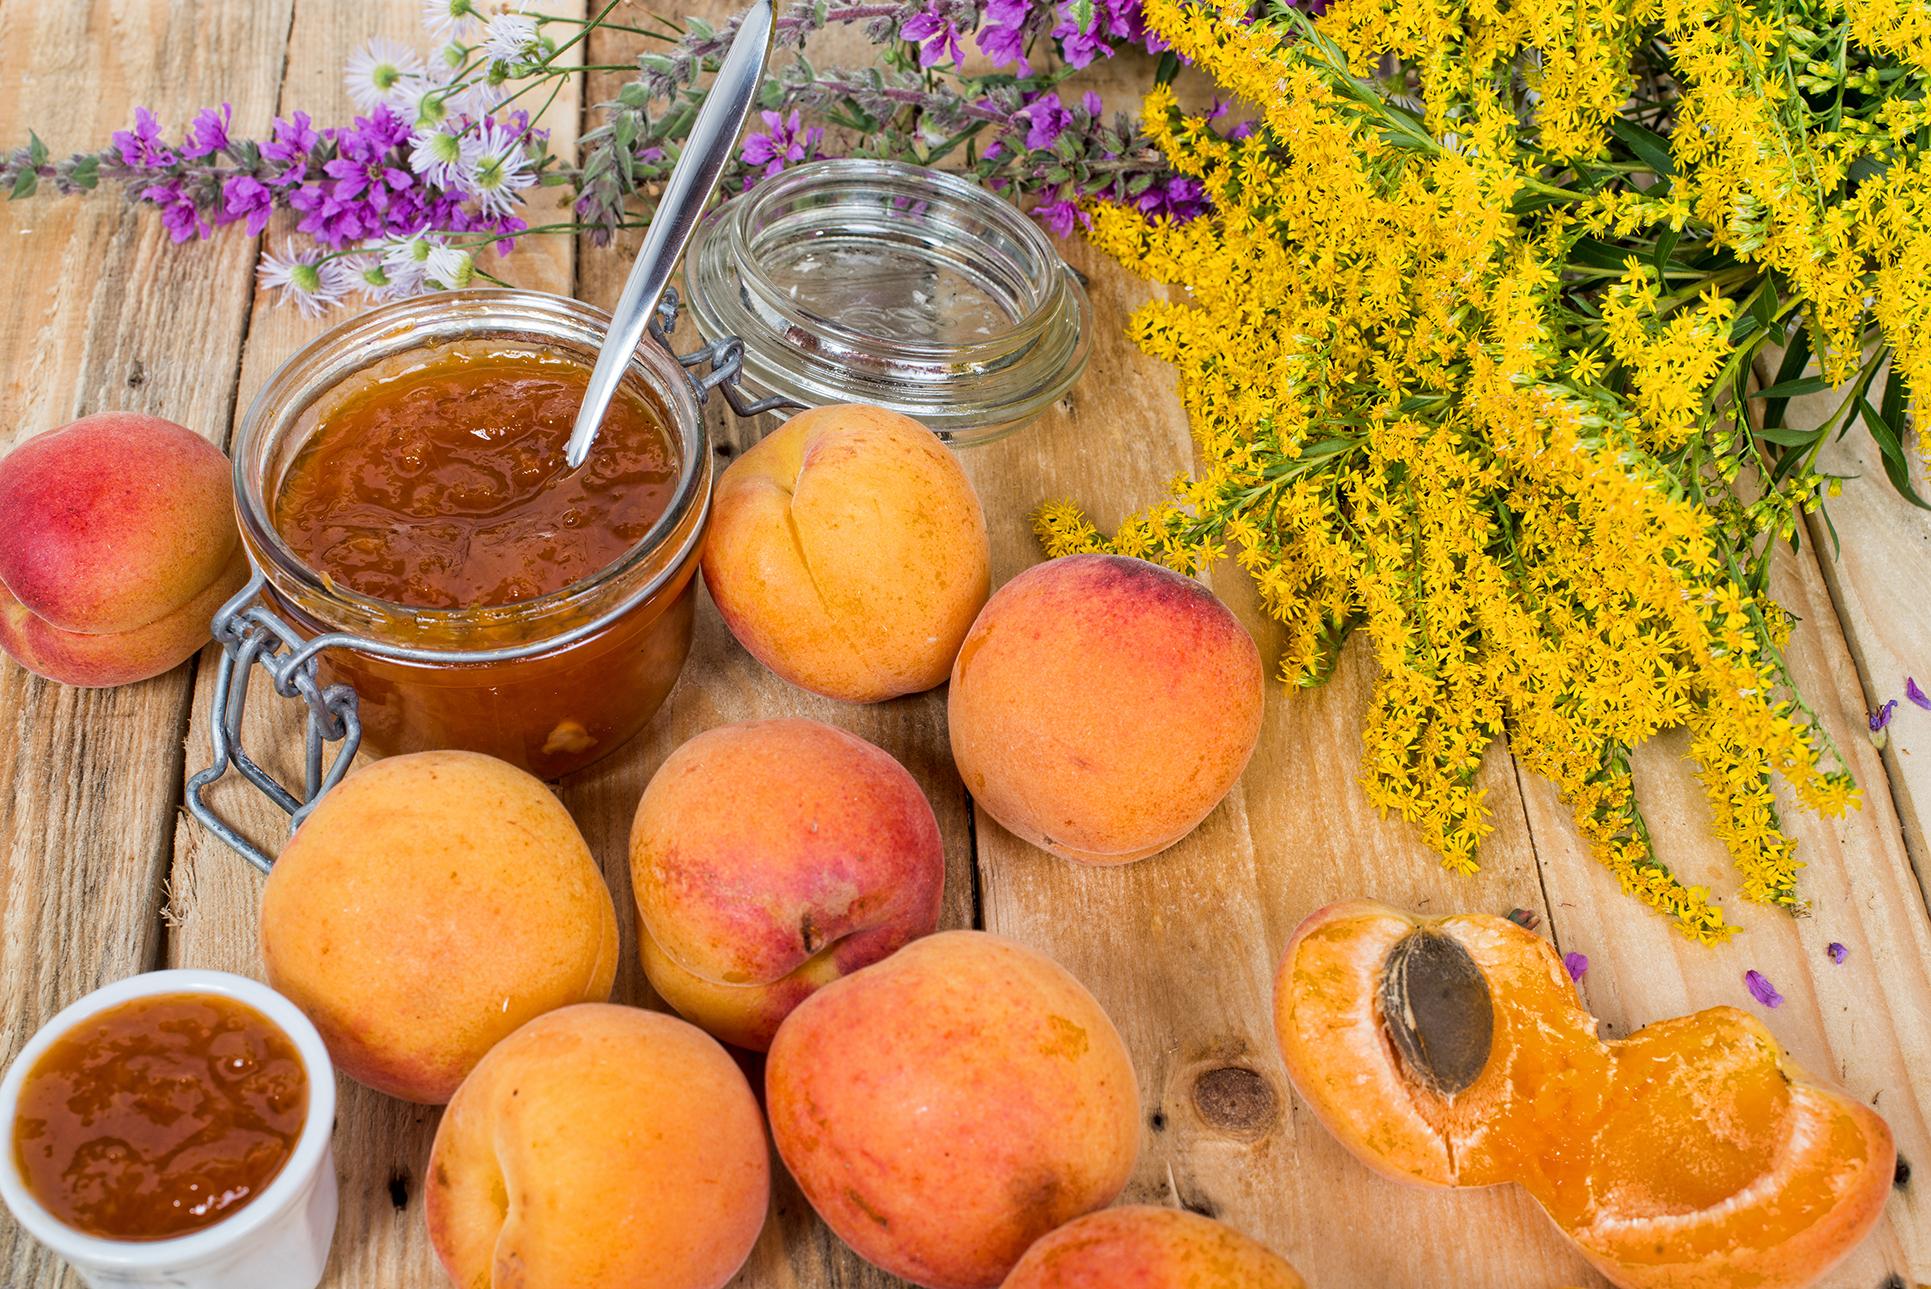 Marillen, ein offenes Glas Marillenmarmelade mit Löffel und ein liegender Strauß Blumen auf einem Holztisch.